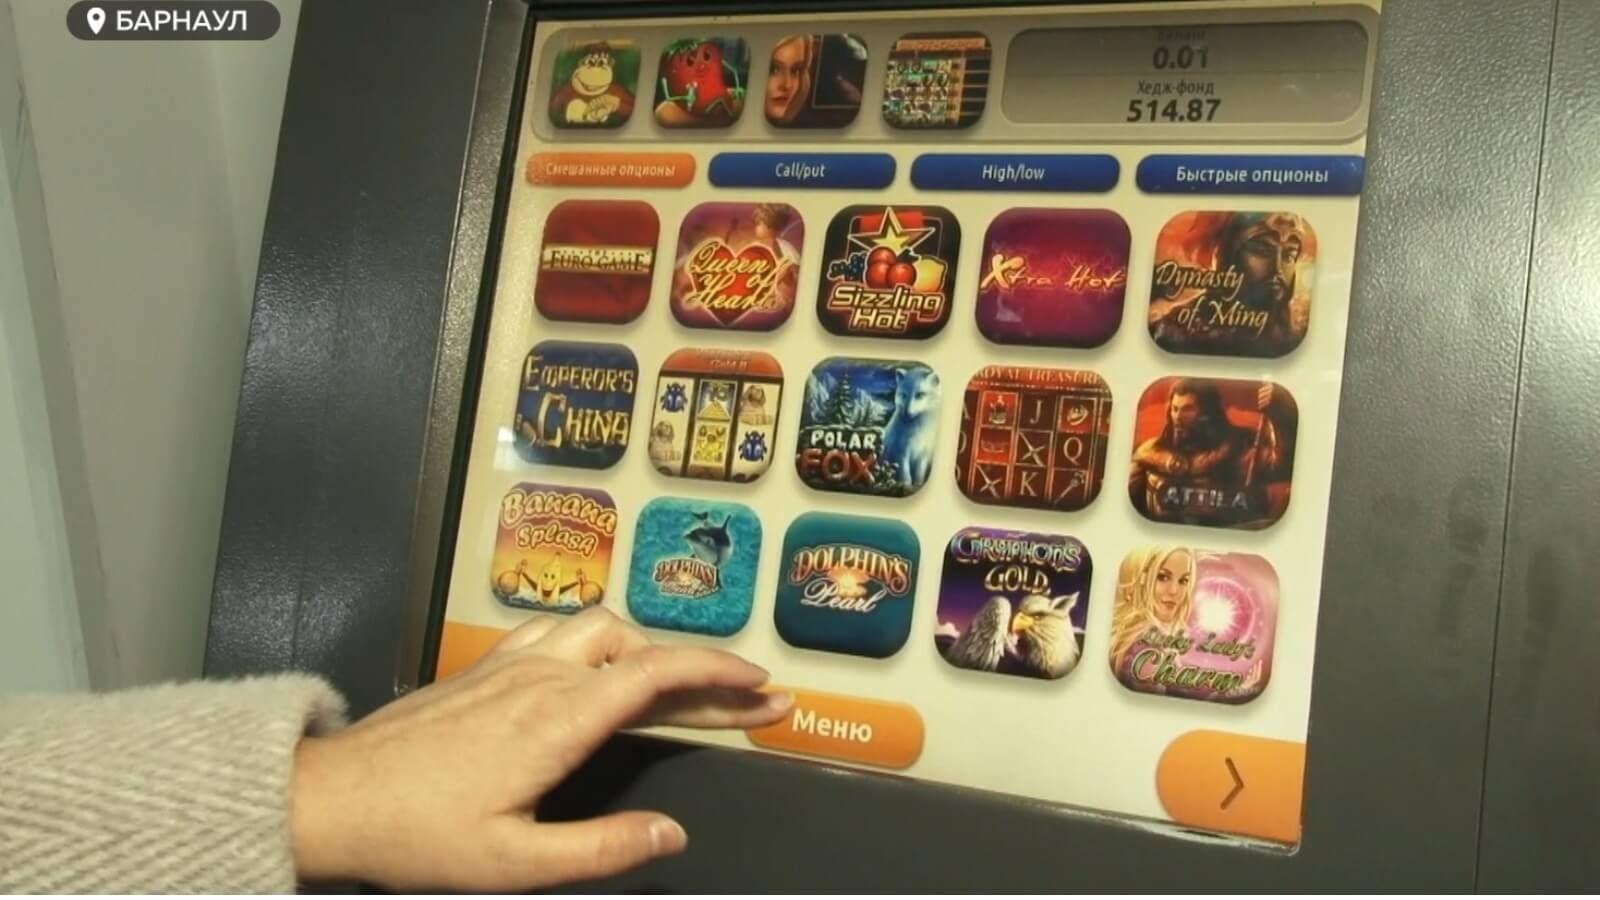 Игровые автоматы в барнауле адреса free online casino with no deposit